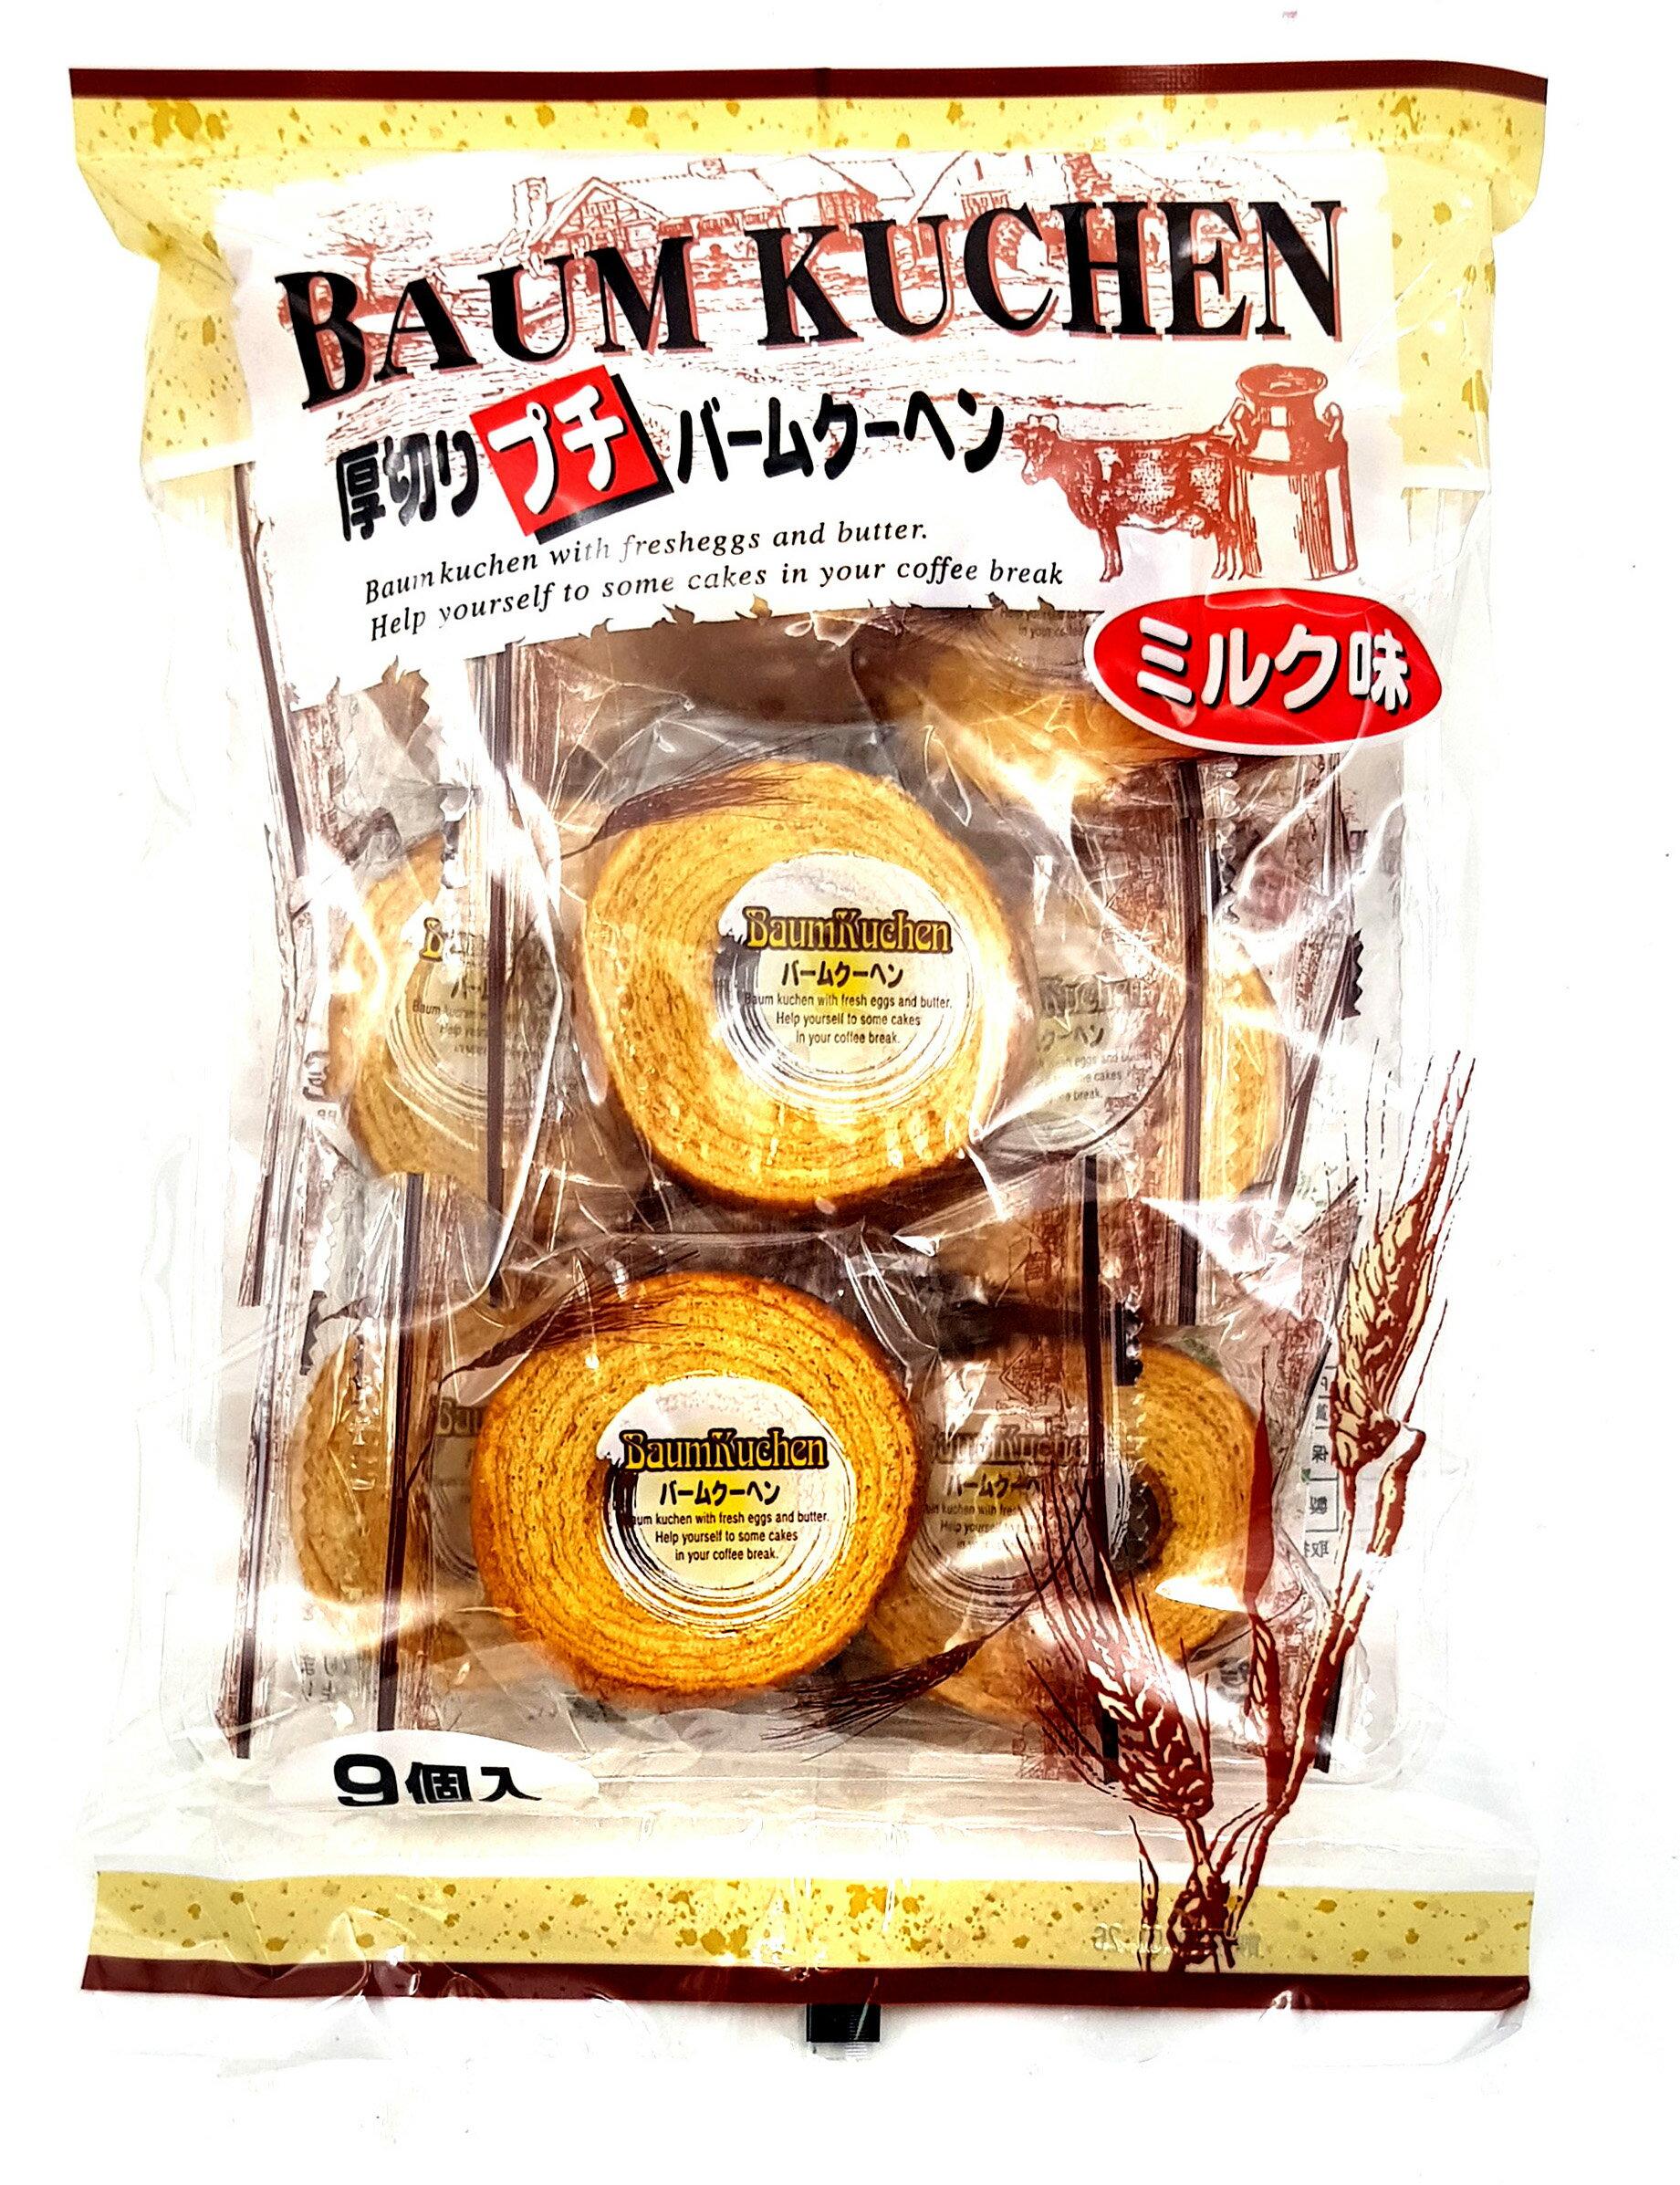 《Chara 微百貨》 日本 牧原 製菓 厚切 牛奶 迷你 年輪 蛋糕 9入 243g 團購 批發 1